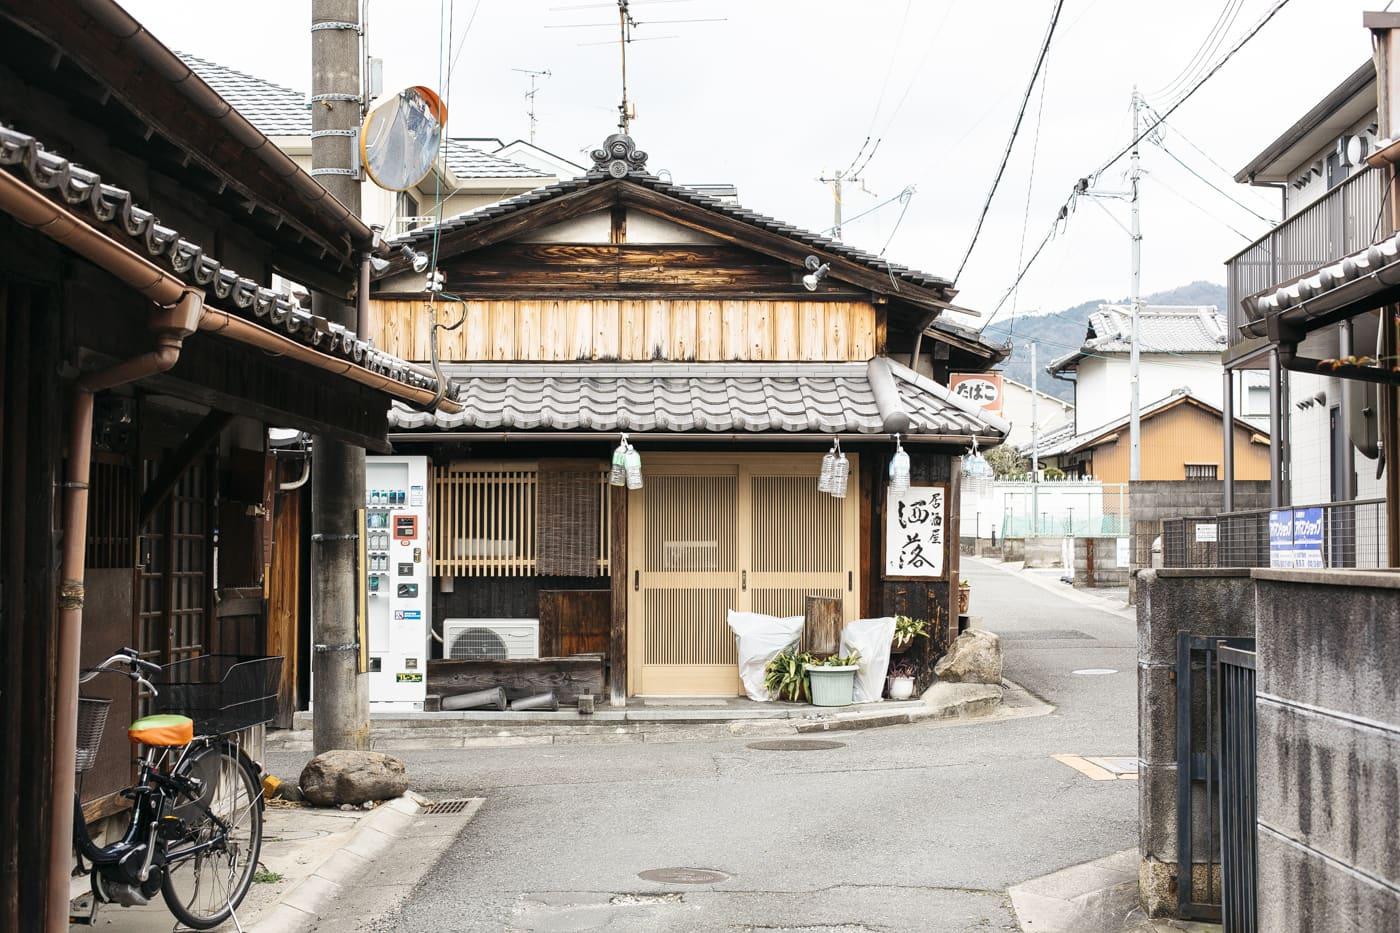 Kinlake-Japan-City-Lifestyle-9503